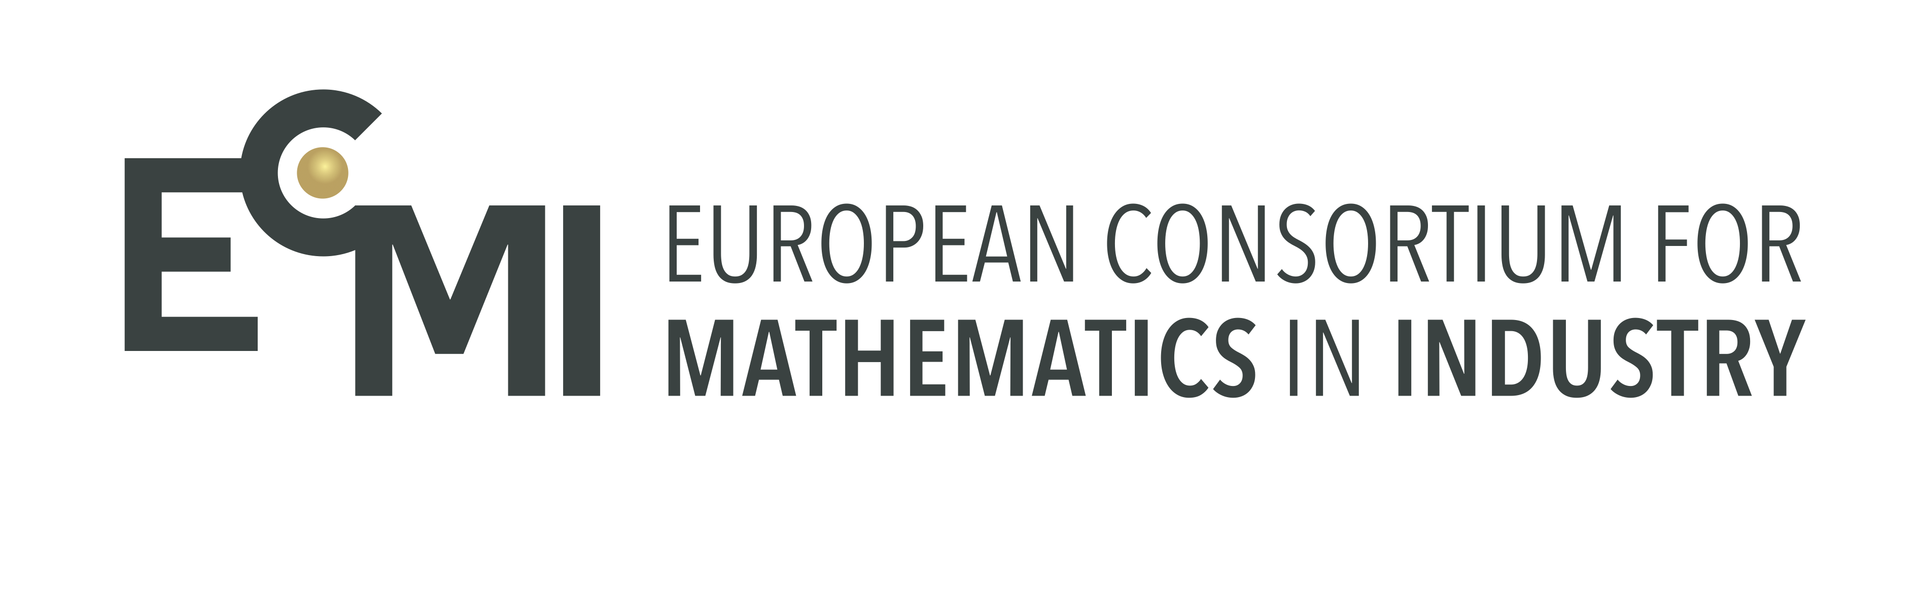 European Consortium for Mathematics in Industry